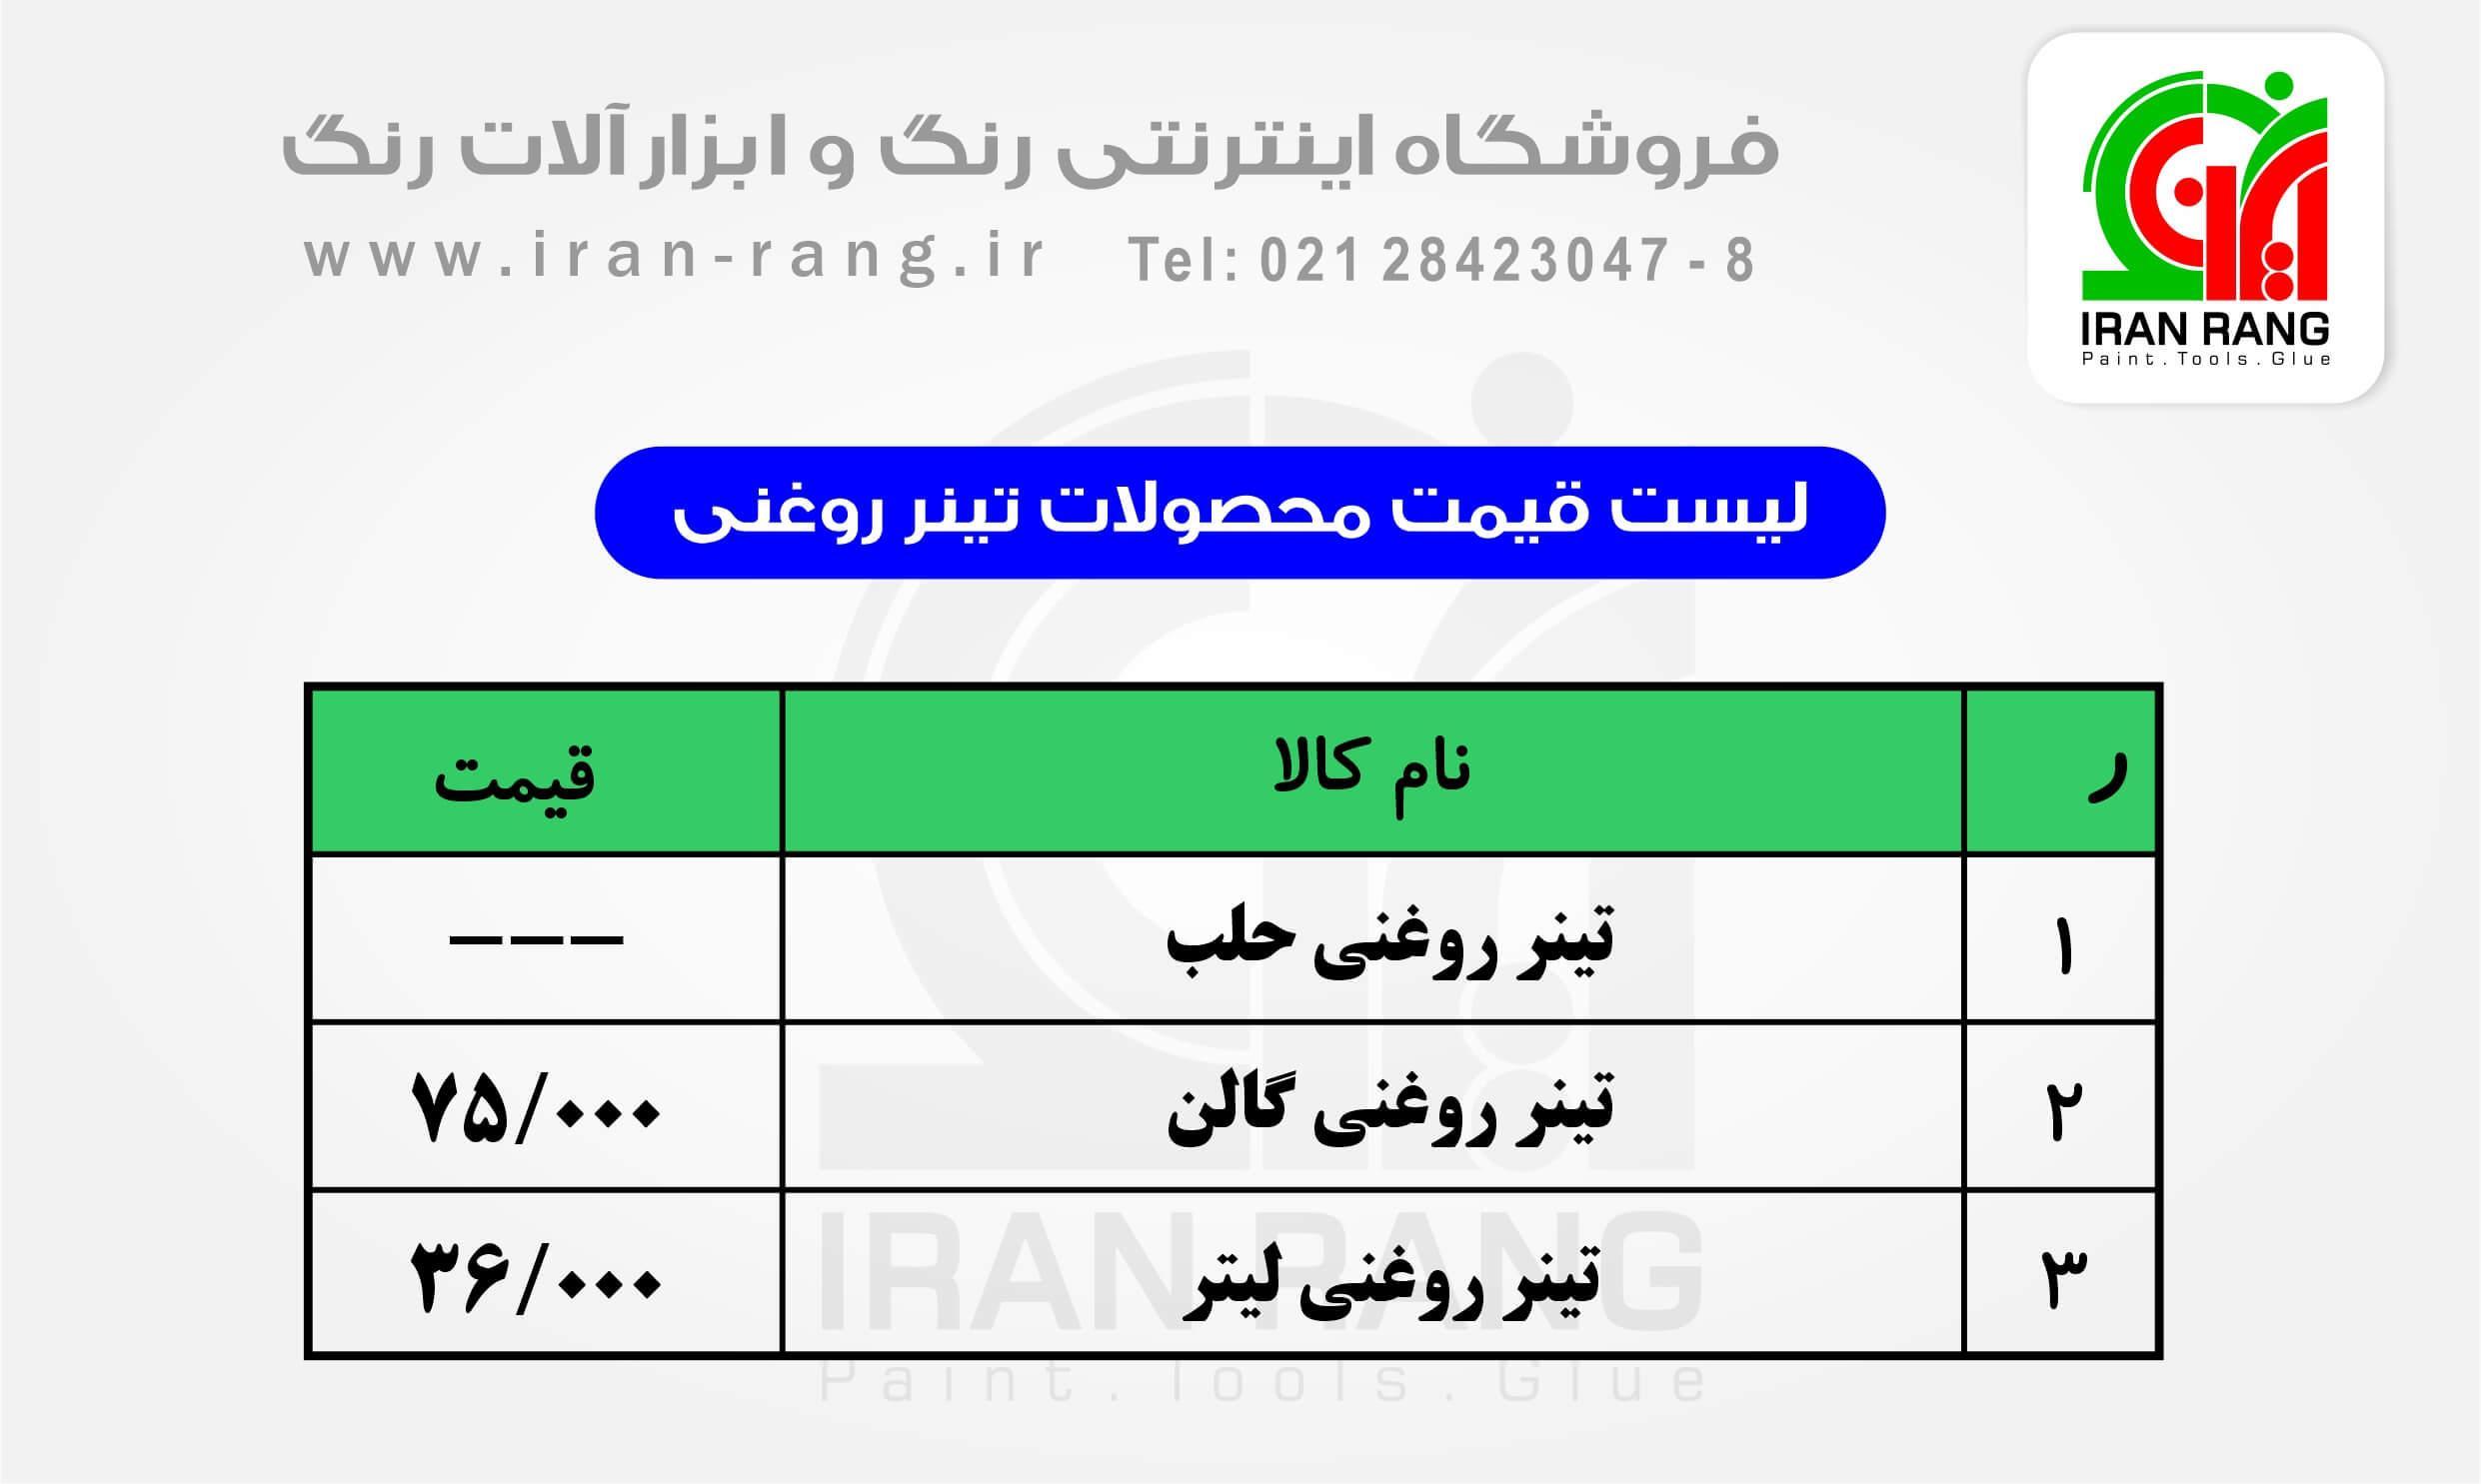 لیست قیمت تینر روغنی - خرید تینر روغنی - ایران رنگ